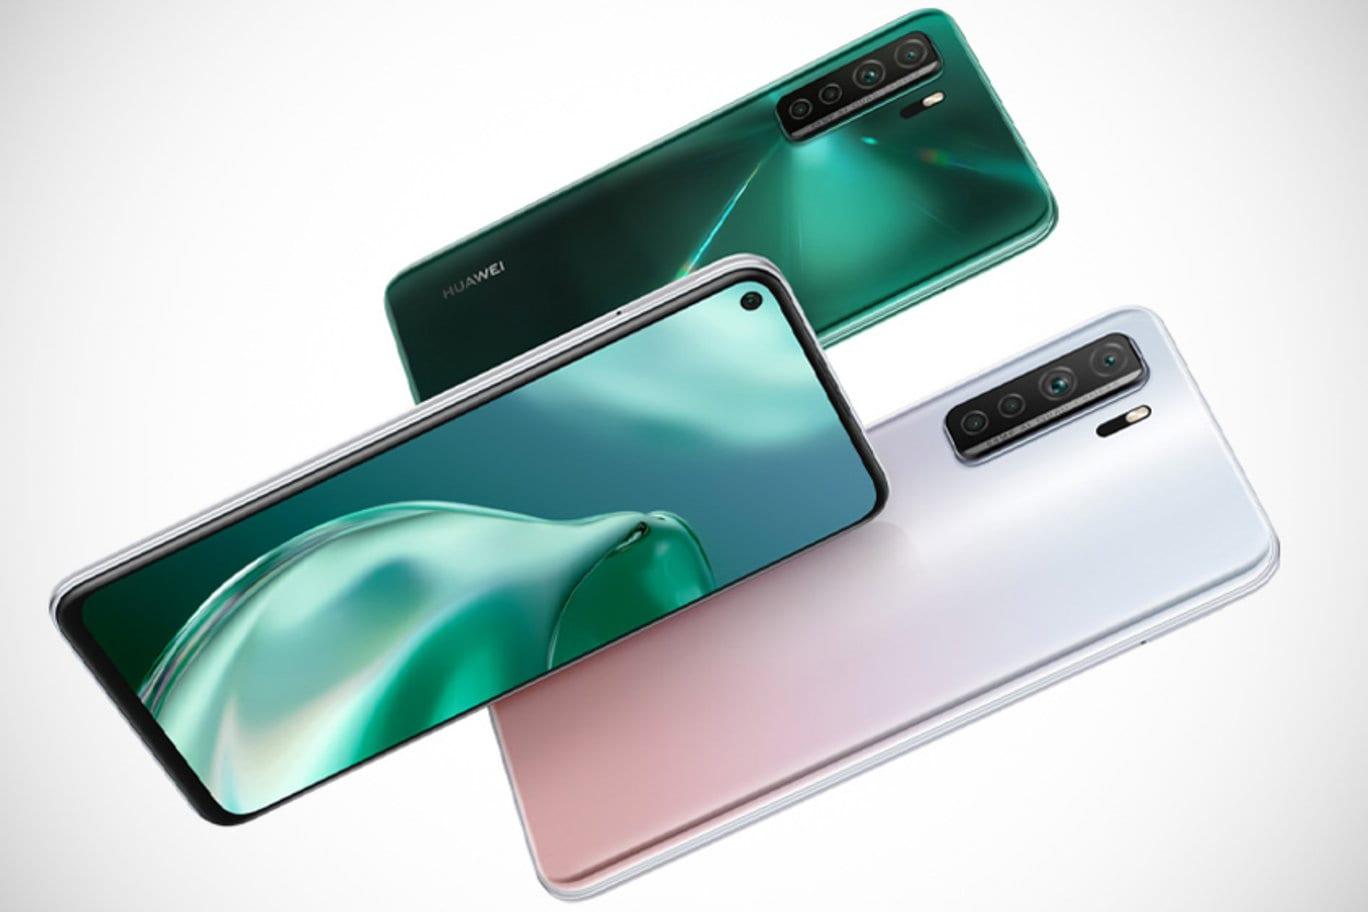 الإعلان عن Huawei P40 Lite 5G يدعم شبكات الجيل الخامس 5G بسعر معقول